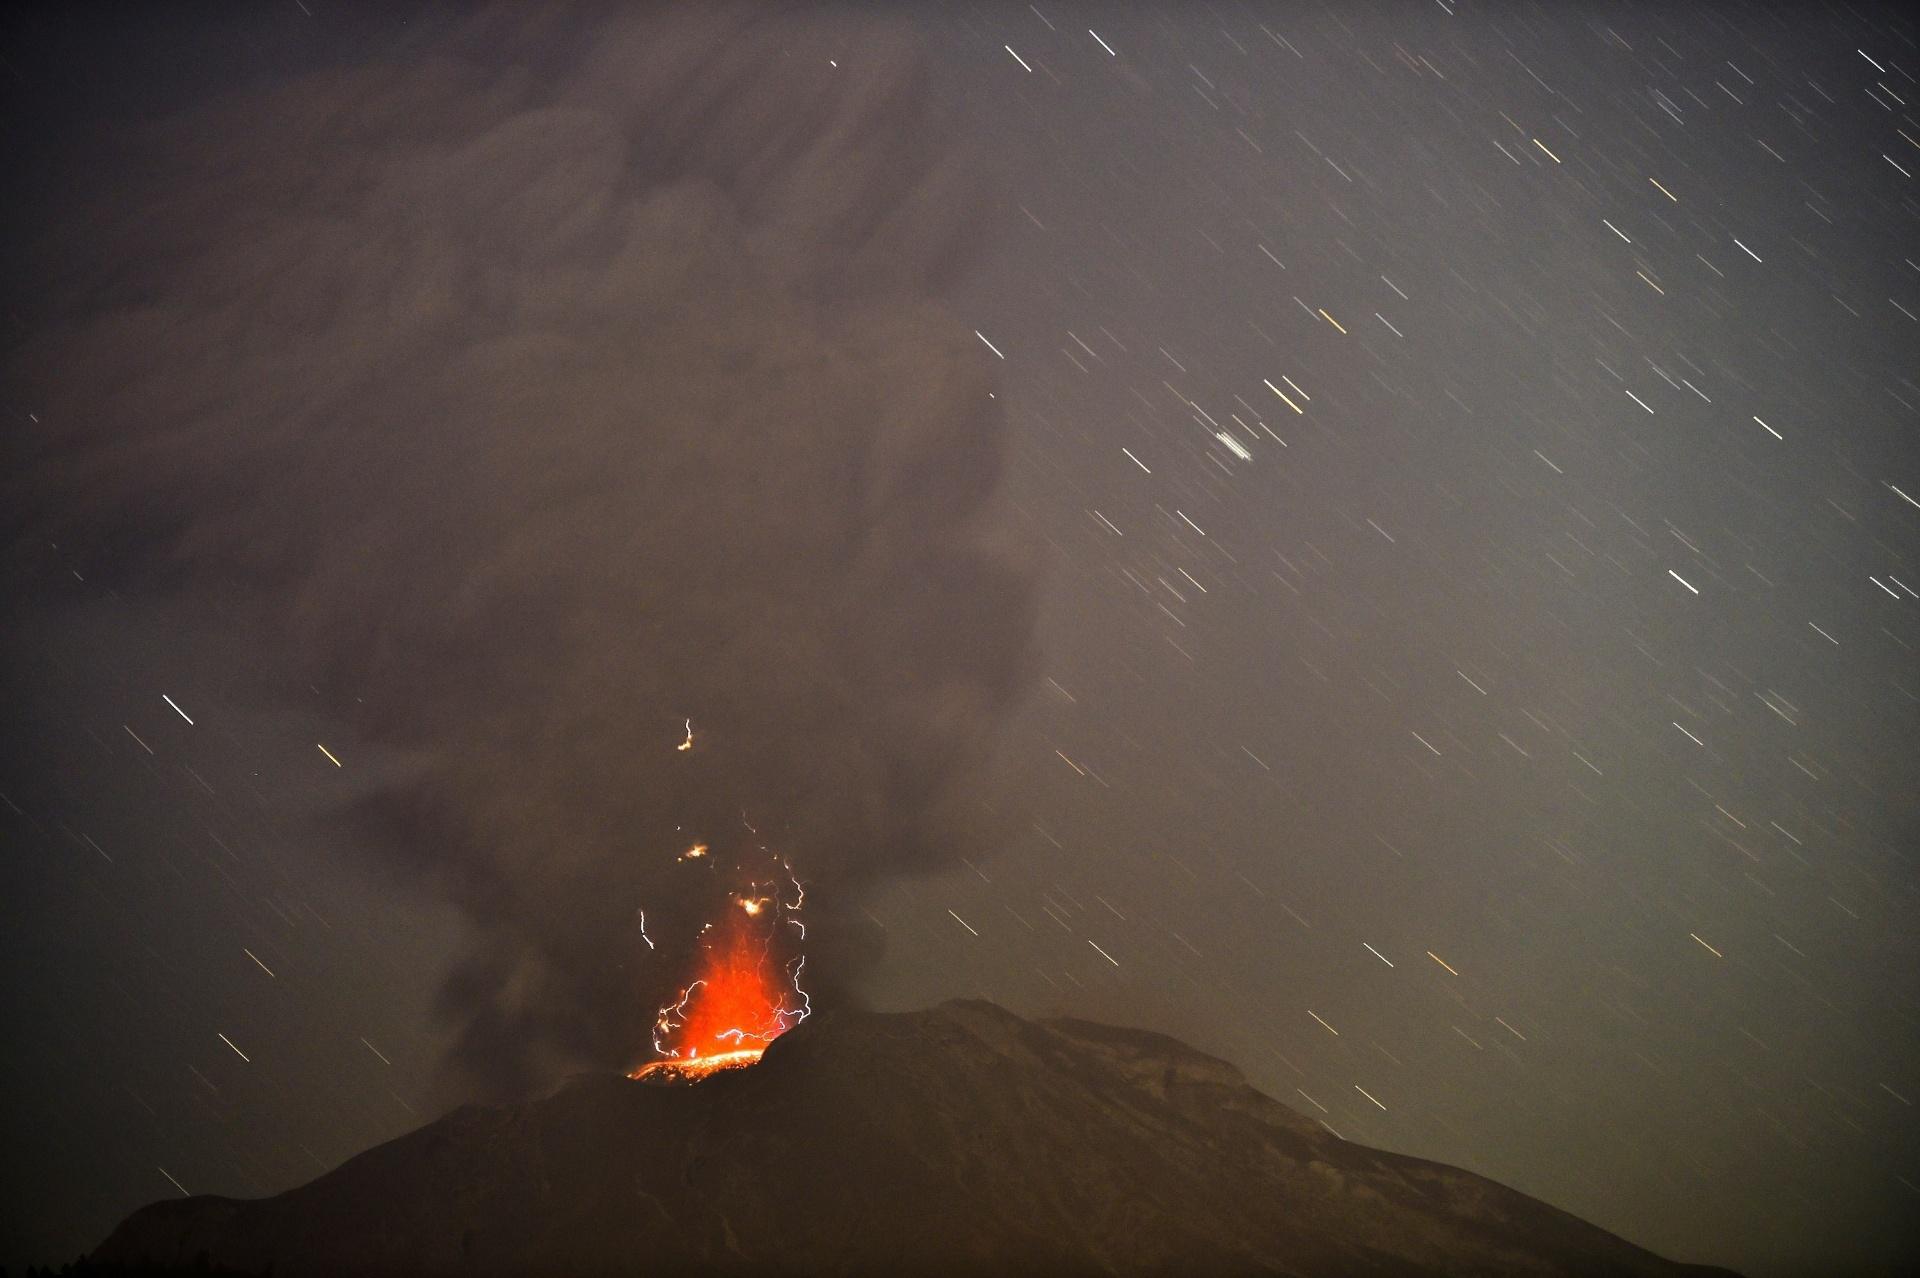 24.abr.2015 - O vulcão Calbuco expele cinzas em foto feita de Puero Varas, no sul do Chile, nesta sexta-feira (24). O vulcão entrou em erupção na última quarta-feira (22) e continua instável, expulsando fumaças e cinzas. Especialistas afirmam que não se pode descartar uma nova explosão